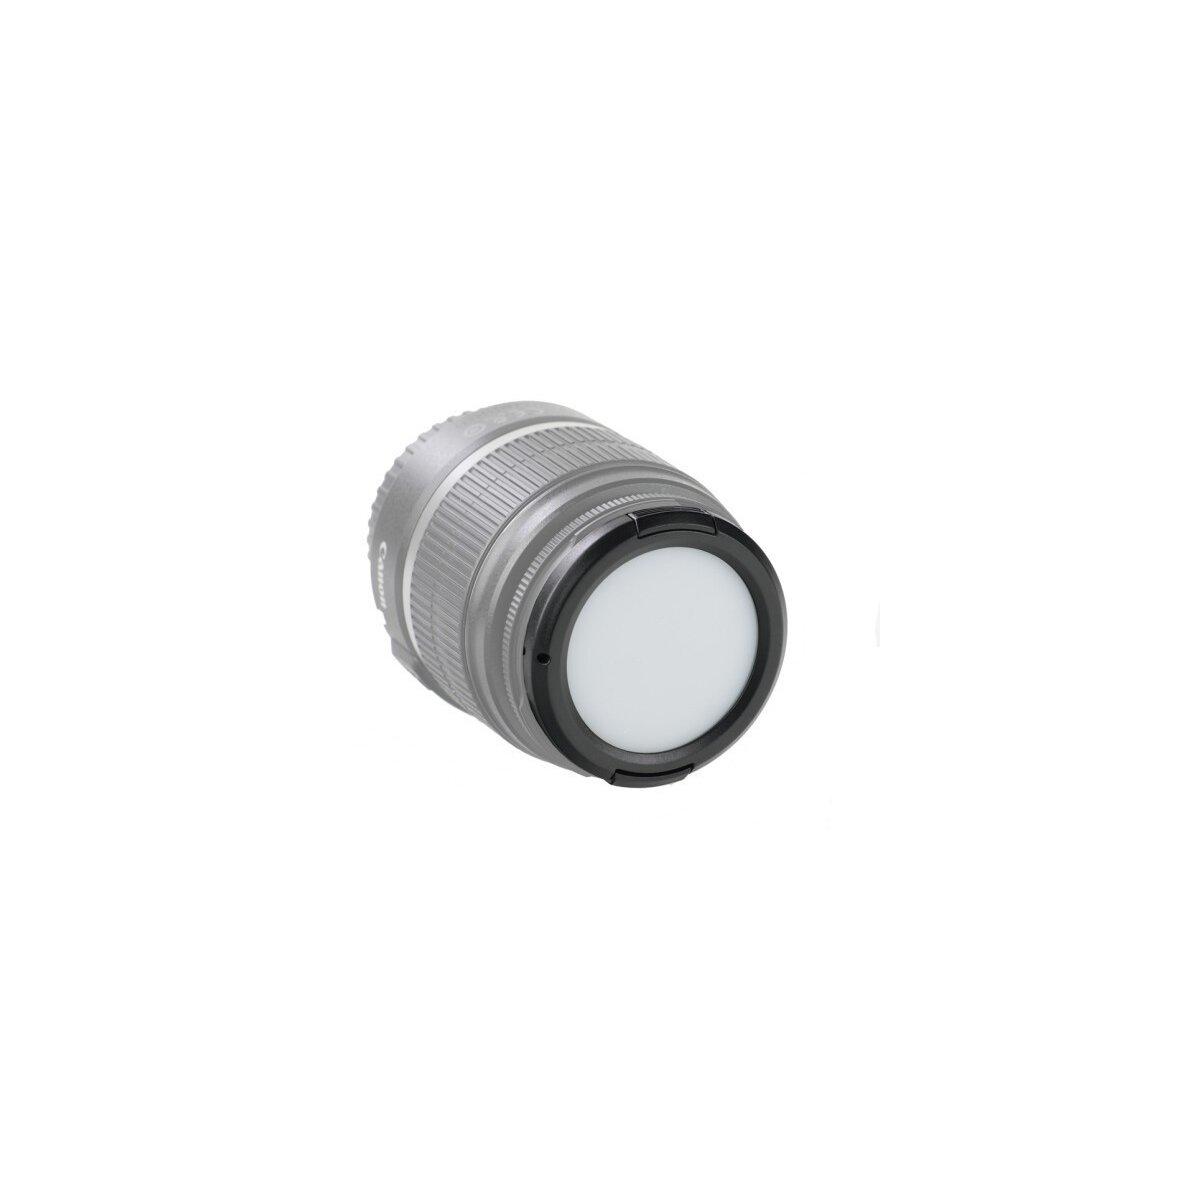 Weißabgleich Schnappdeckel 52mm - White Balance Cap 52mm - Graukarte, Objektivdeckel